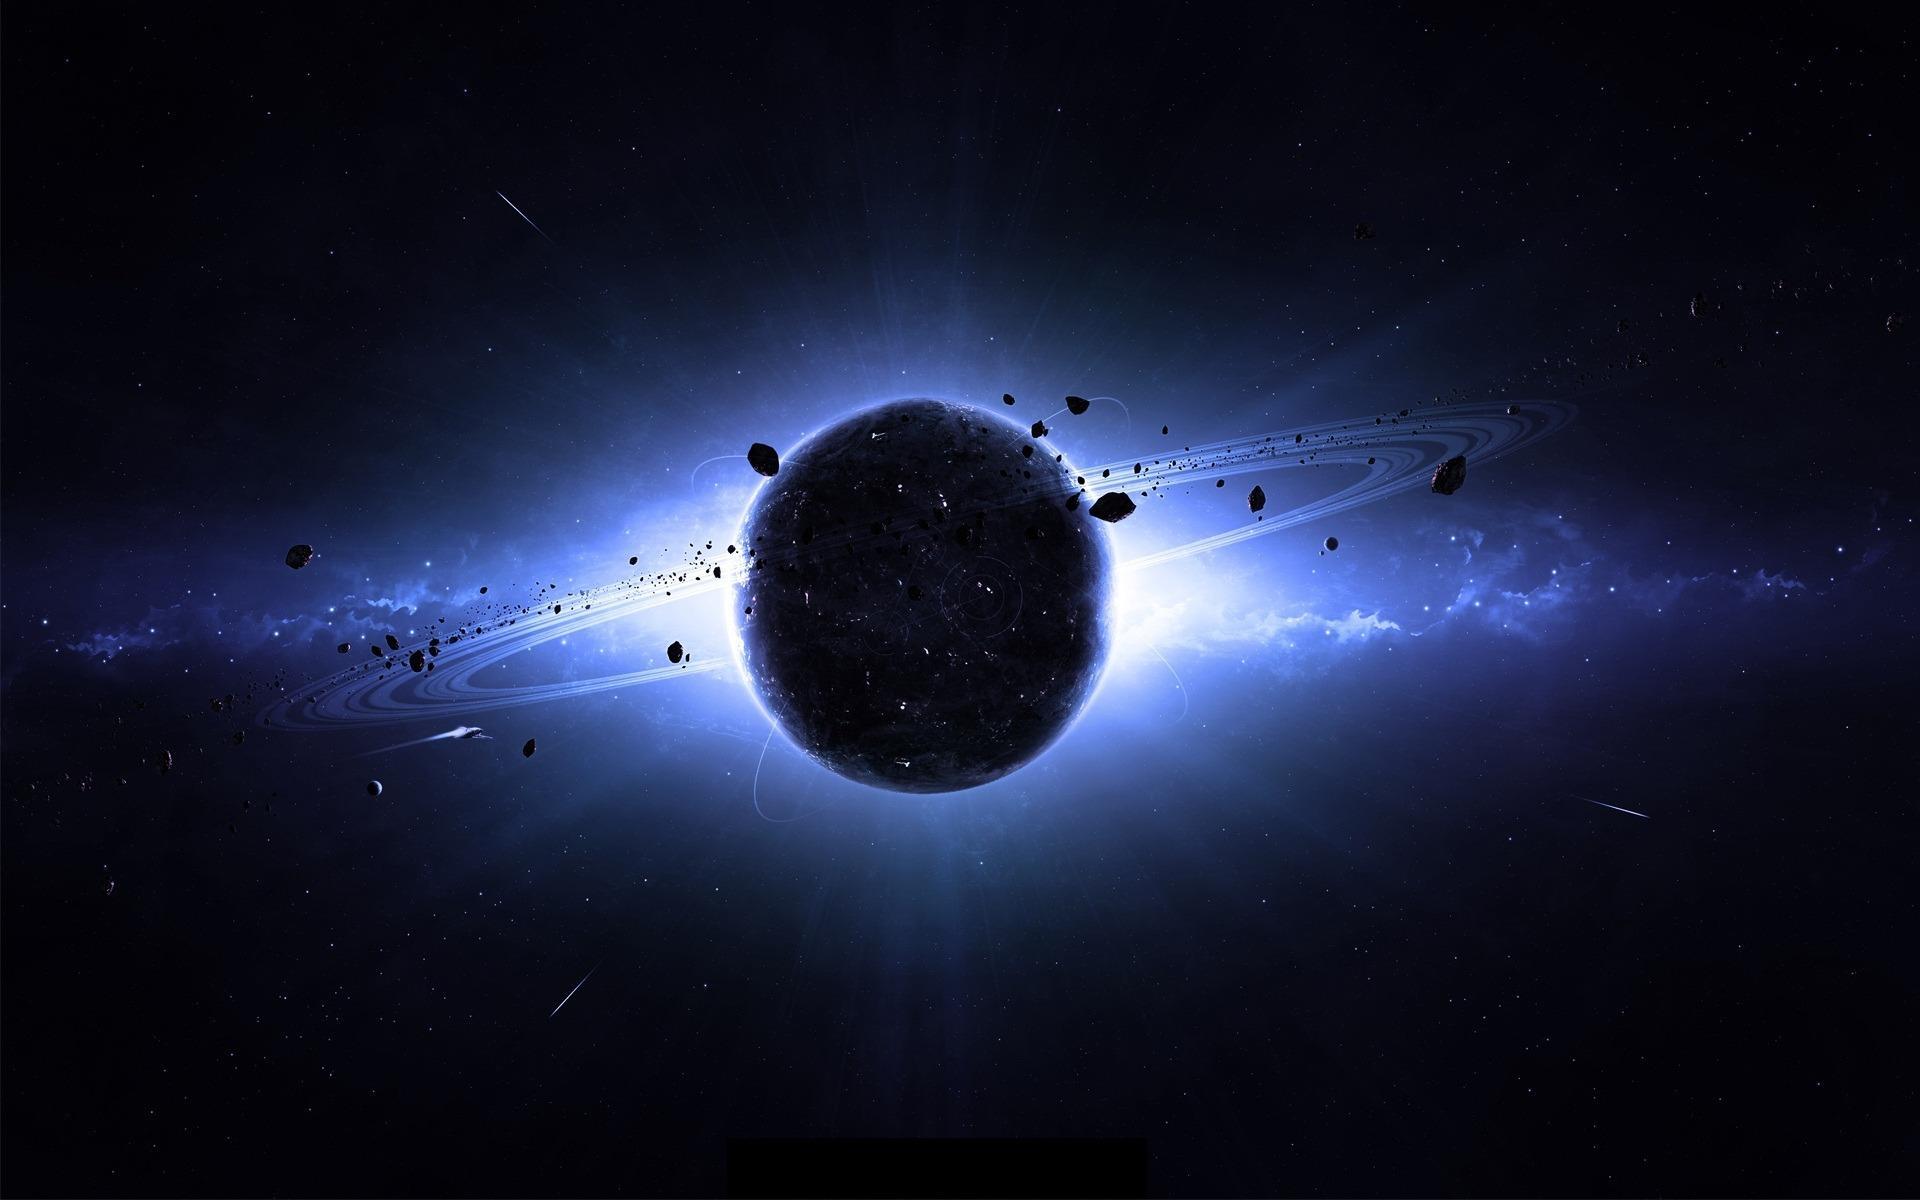 Космос планета космос кольца свечение